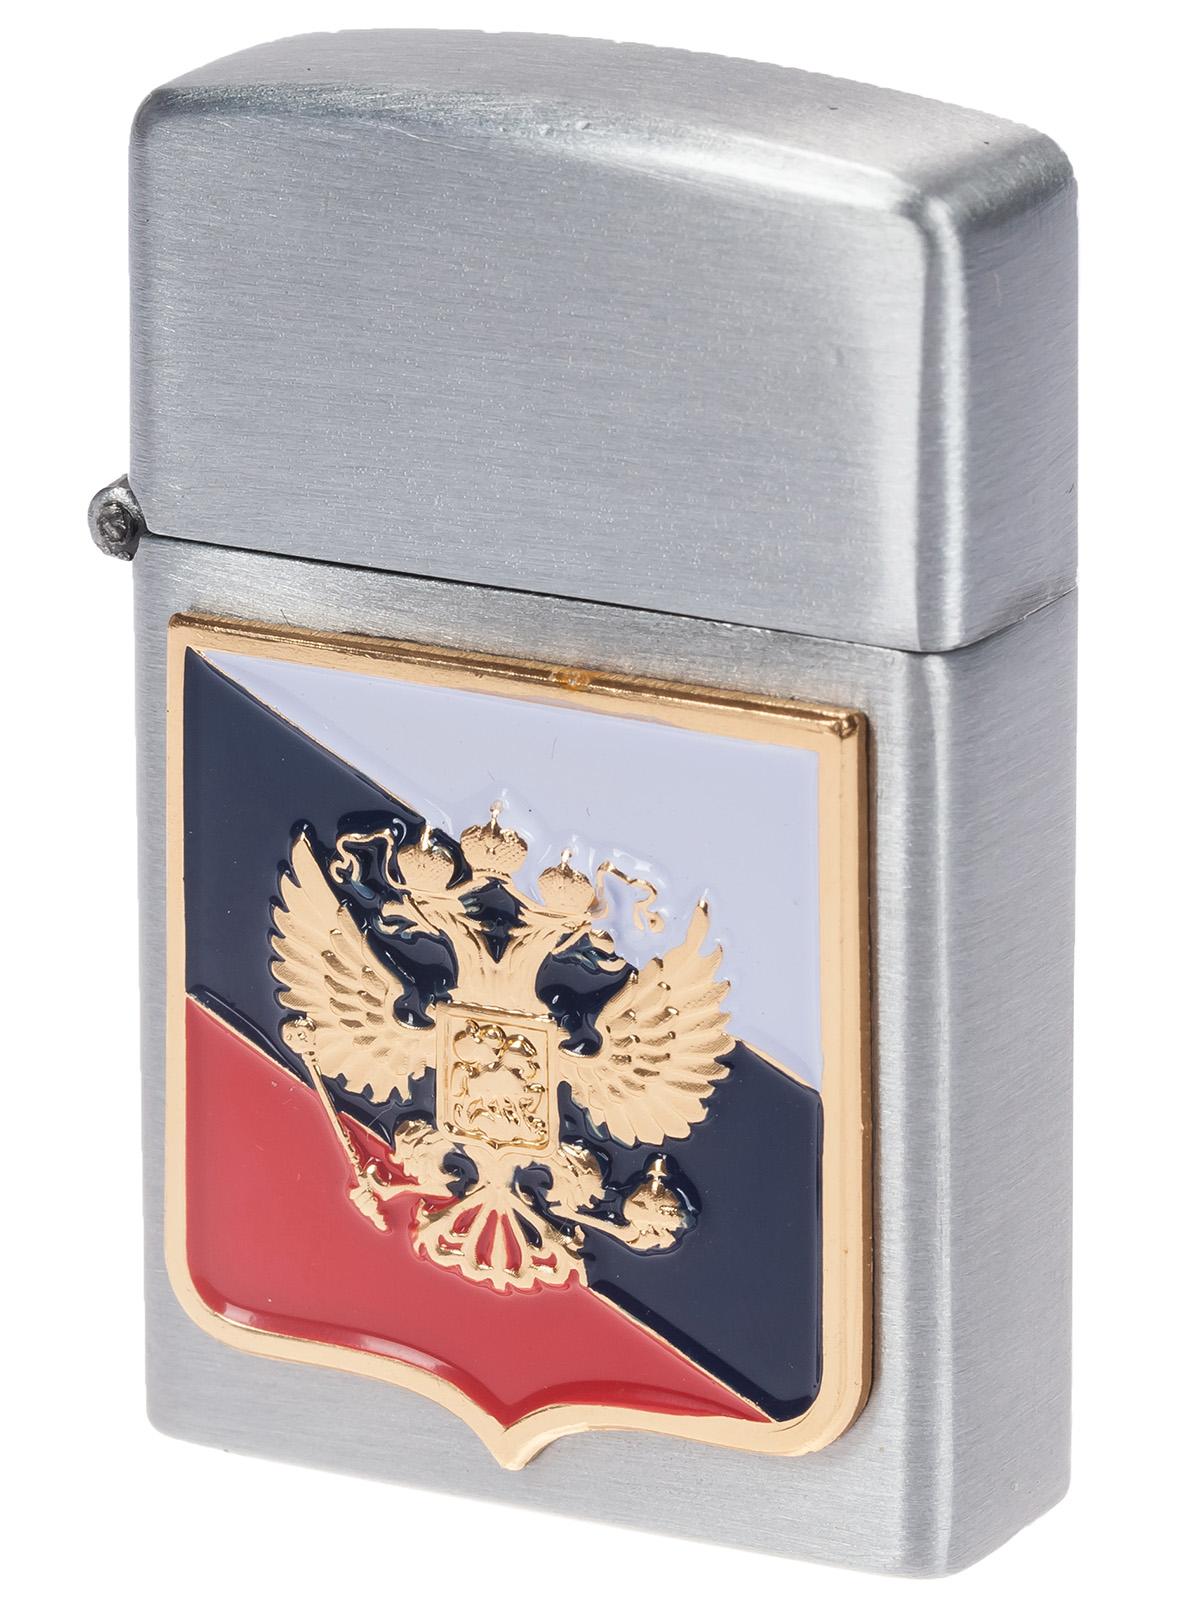 Заказать патриотические зажигалки Zippo онлайн недорого